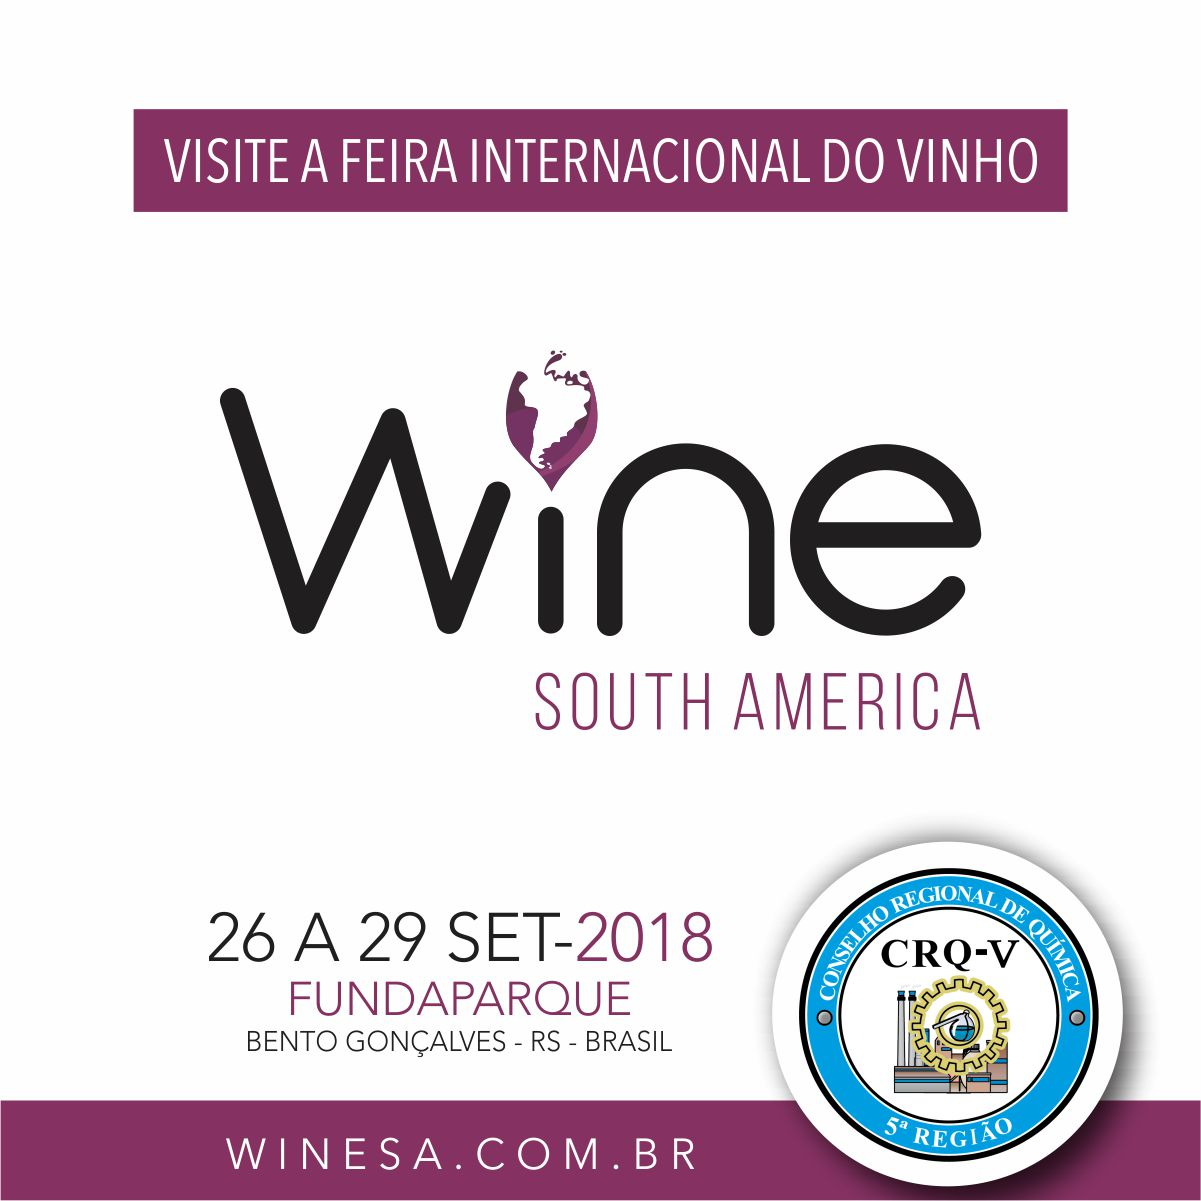 WINE SOUTH AMERICA: Projeto Comprador reforça oportunidades de negócios para o vinho brasileiro